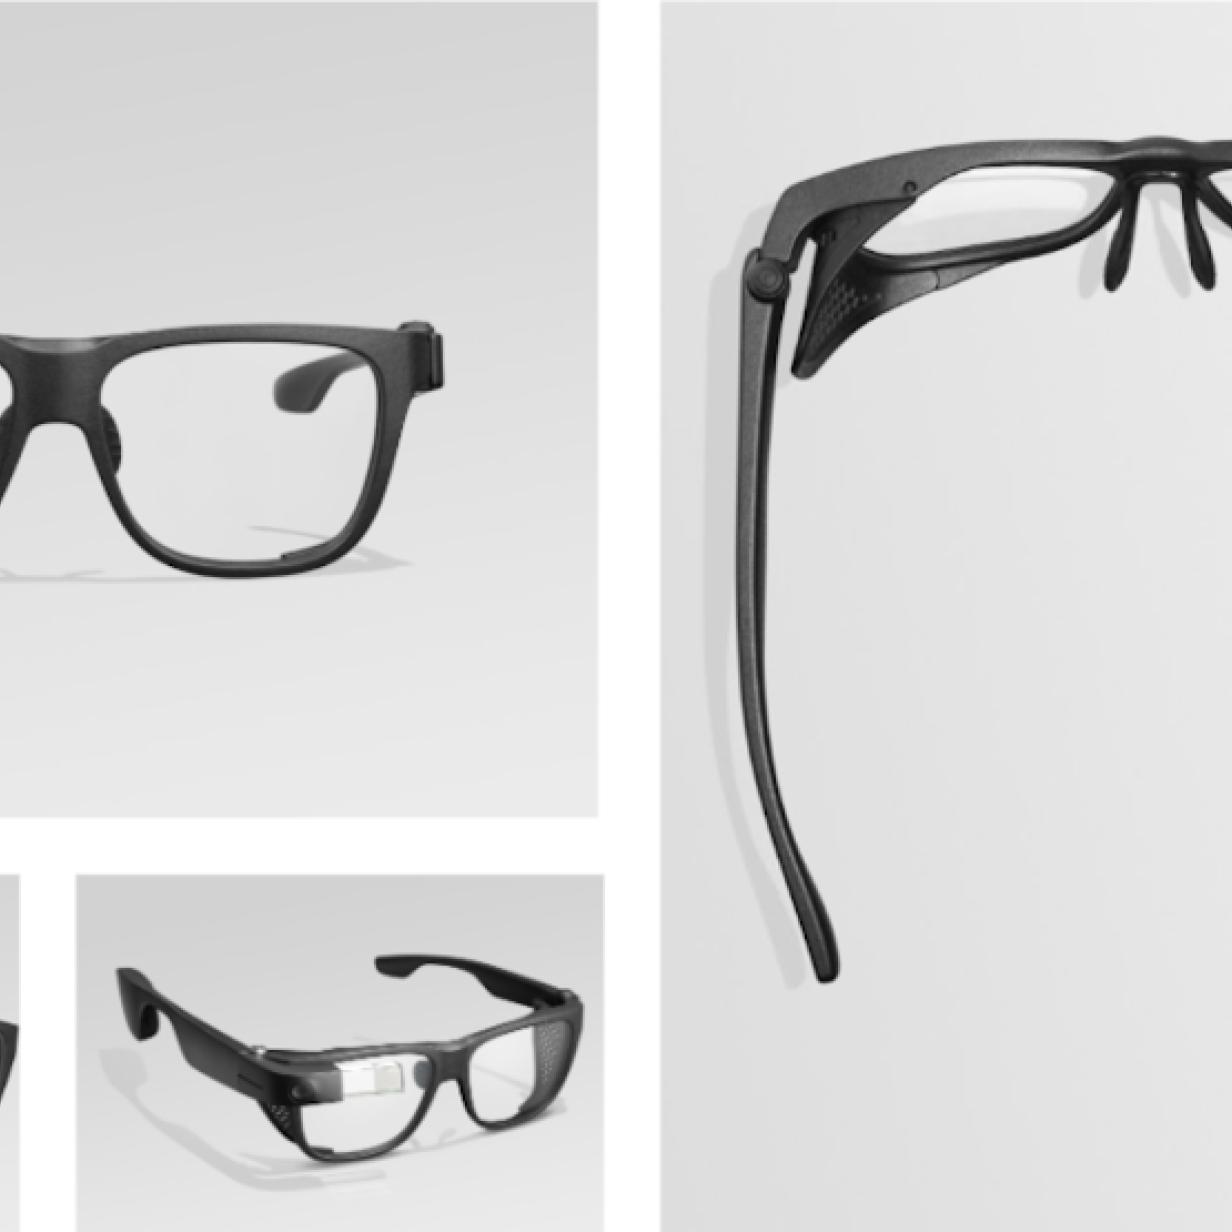 Google präsentiert neue Version der Datenbrille Glass